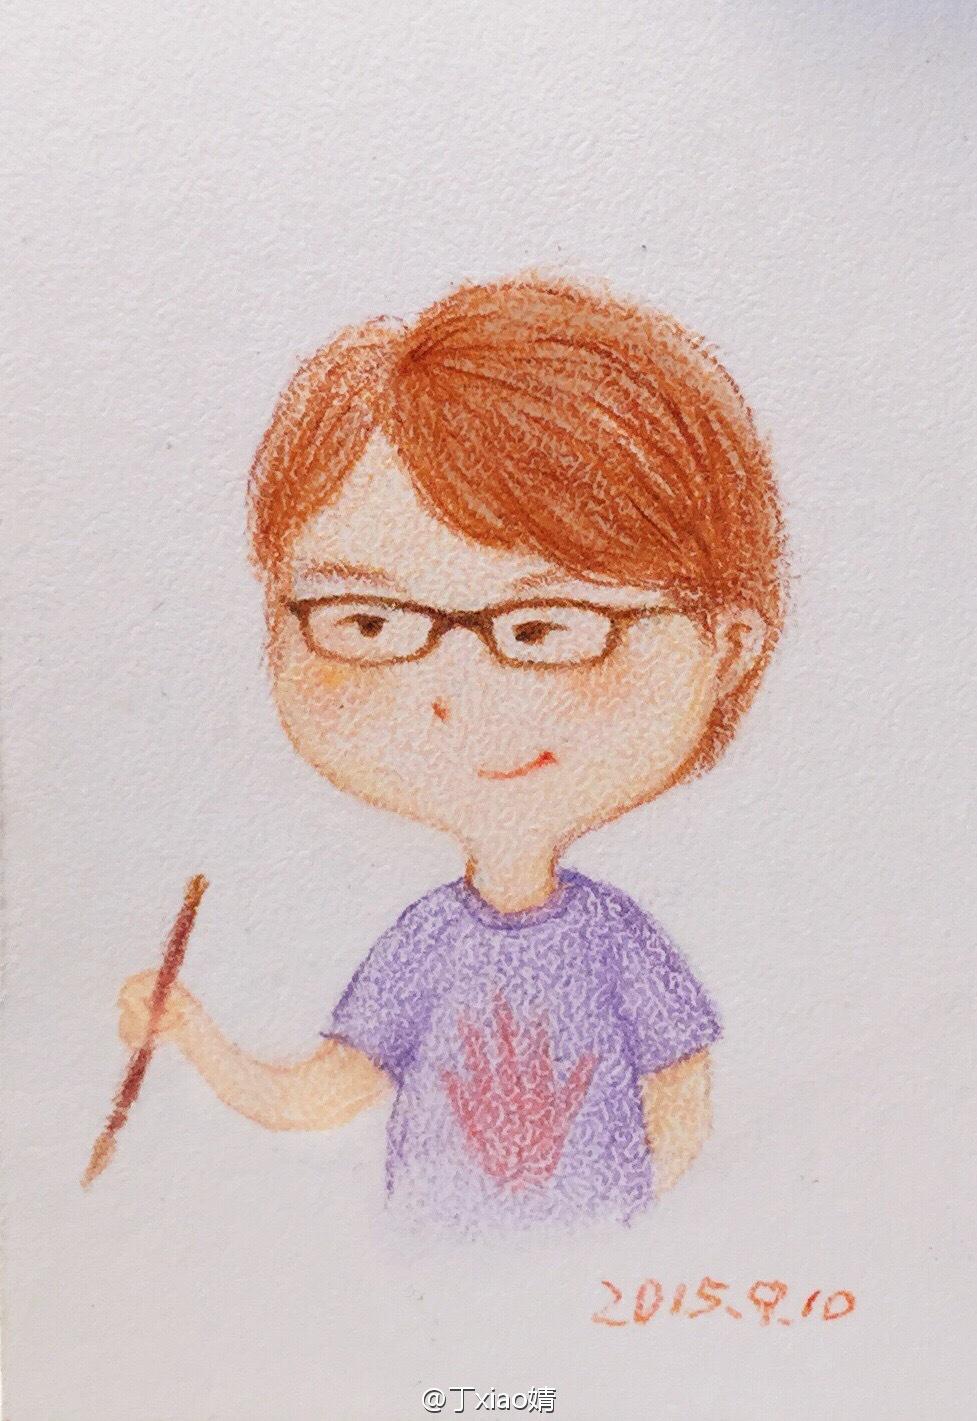 手绘彩铅小人物系列插画47